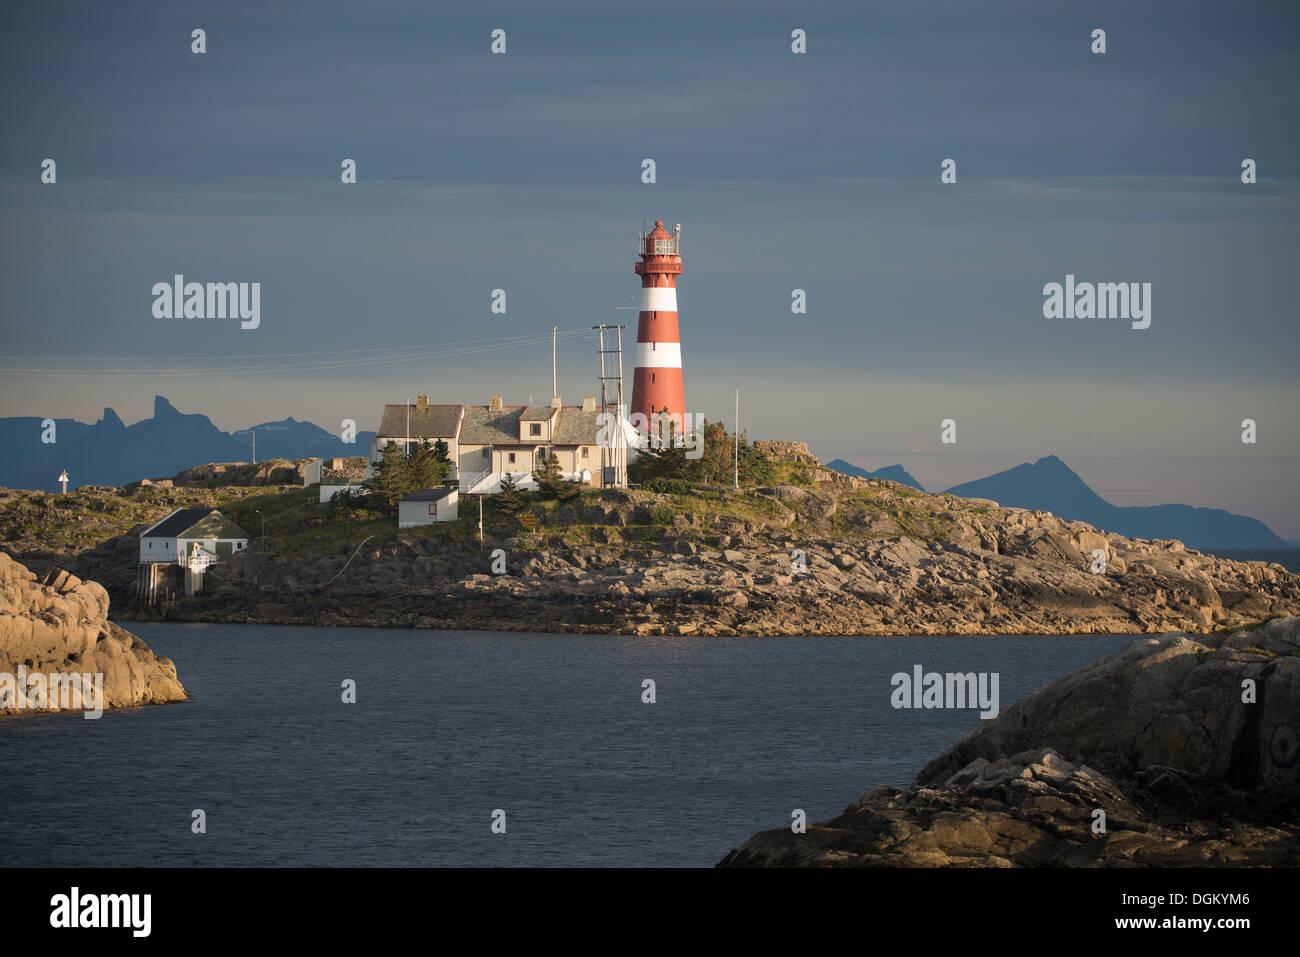 Faro ed edifici nella luce della sera, Ort und Inselgruppe Skrova, Gemeinde Vågan, Inselgruppe Lofoten,, Nordland Immagini Stock